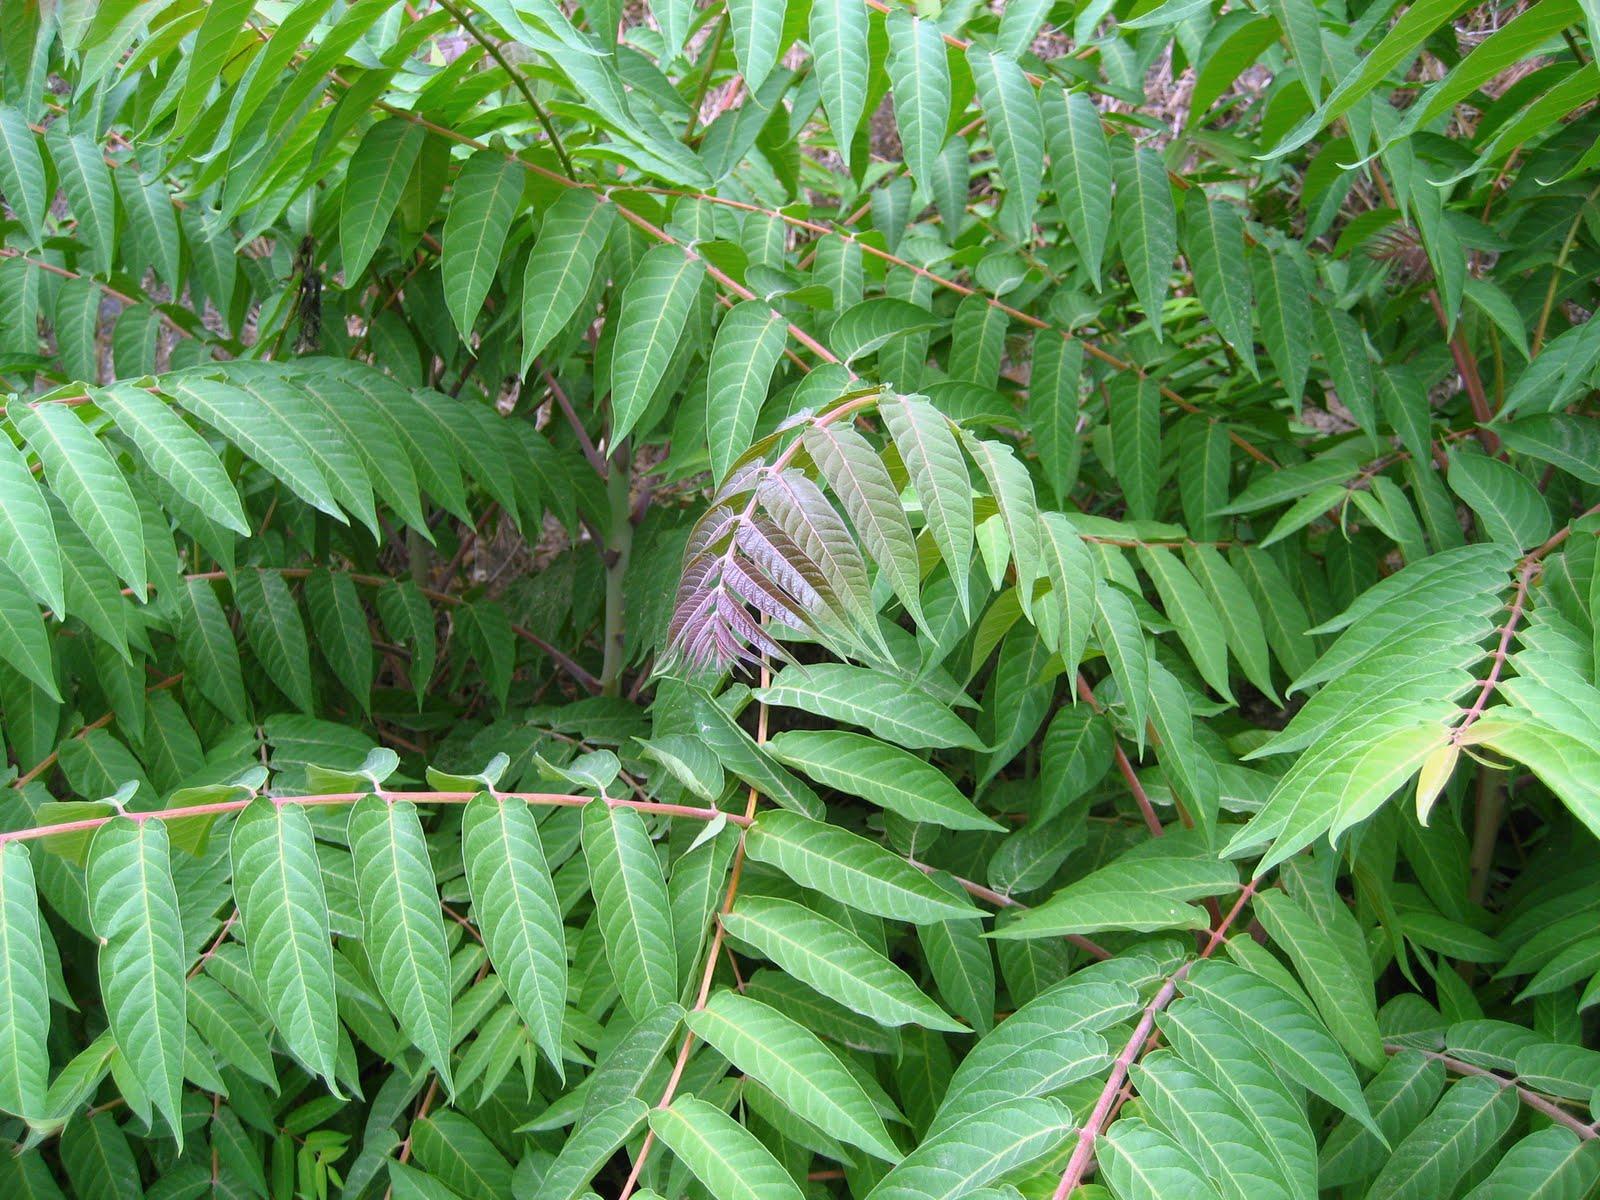 Rboles con alma ailanto rbol del cielo vernis del for El arbol que no tiene hojas